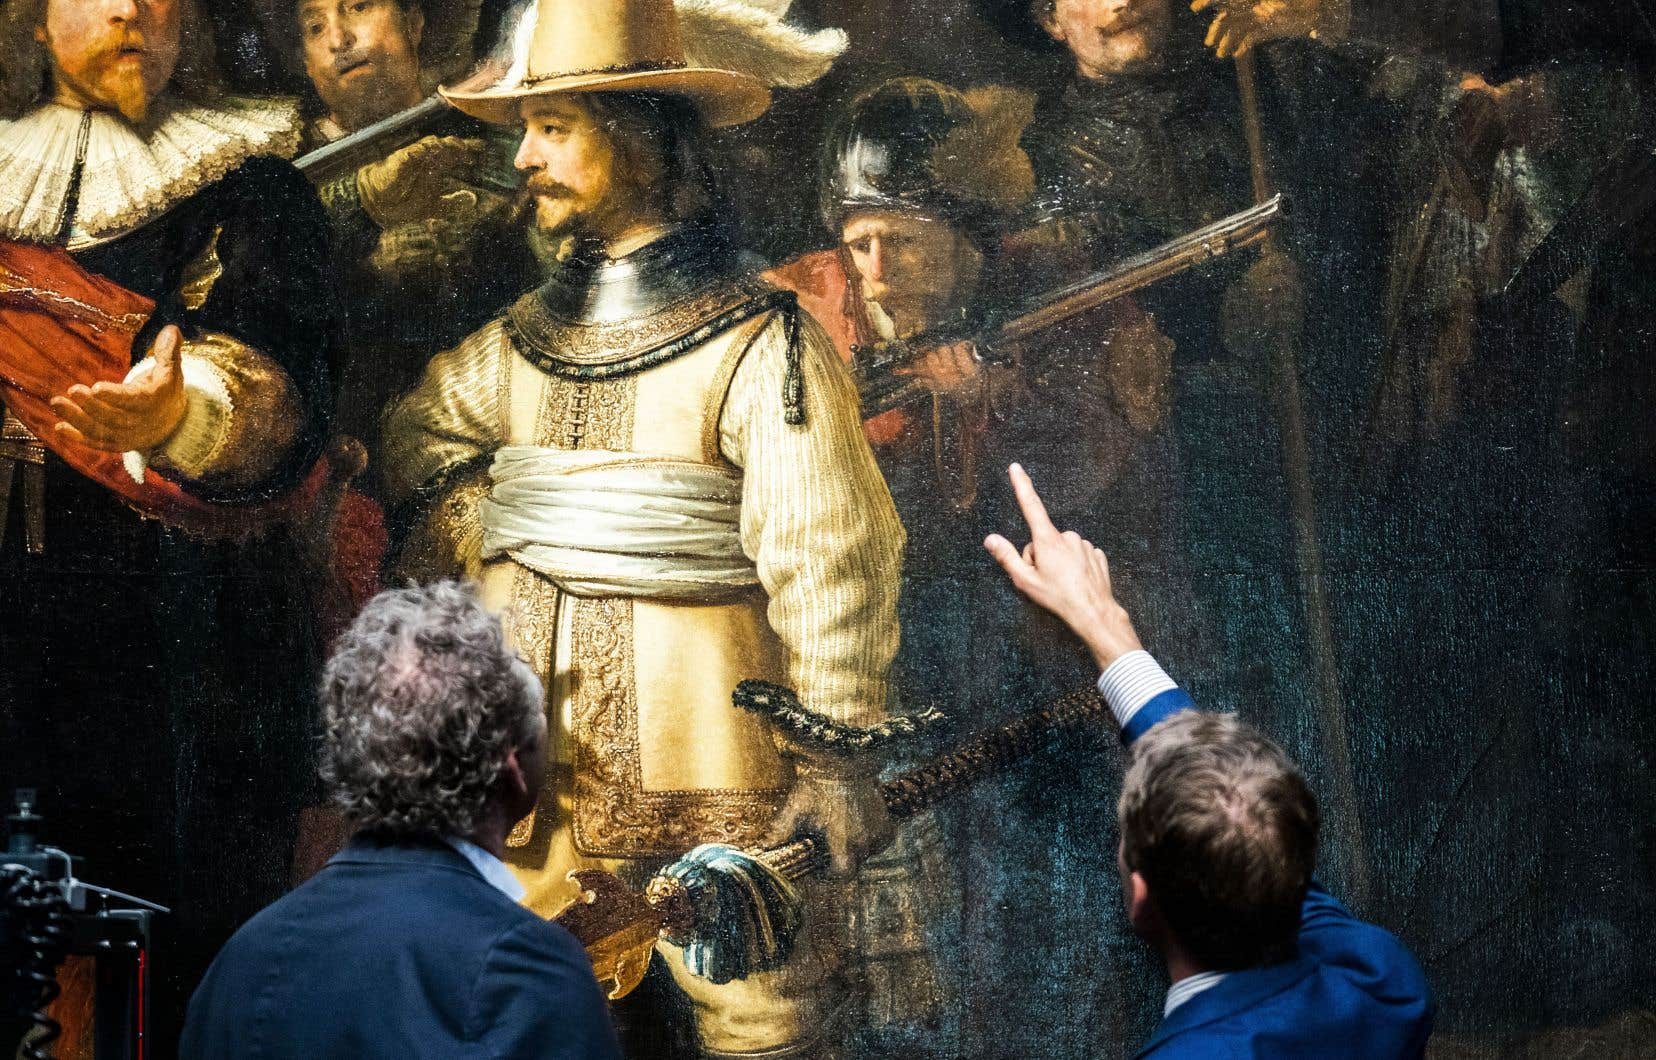 Il s'agit du travail de recherche et de restauration le plus vaste et le plus complet de l'Histoire sur le chef-d'œuvre de Rembrandt .